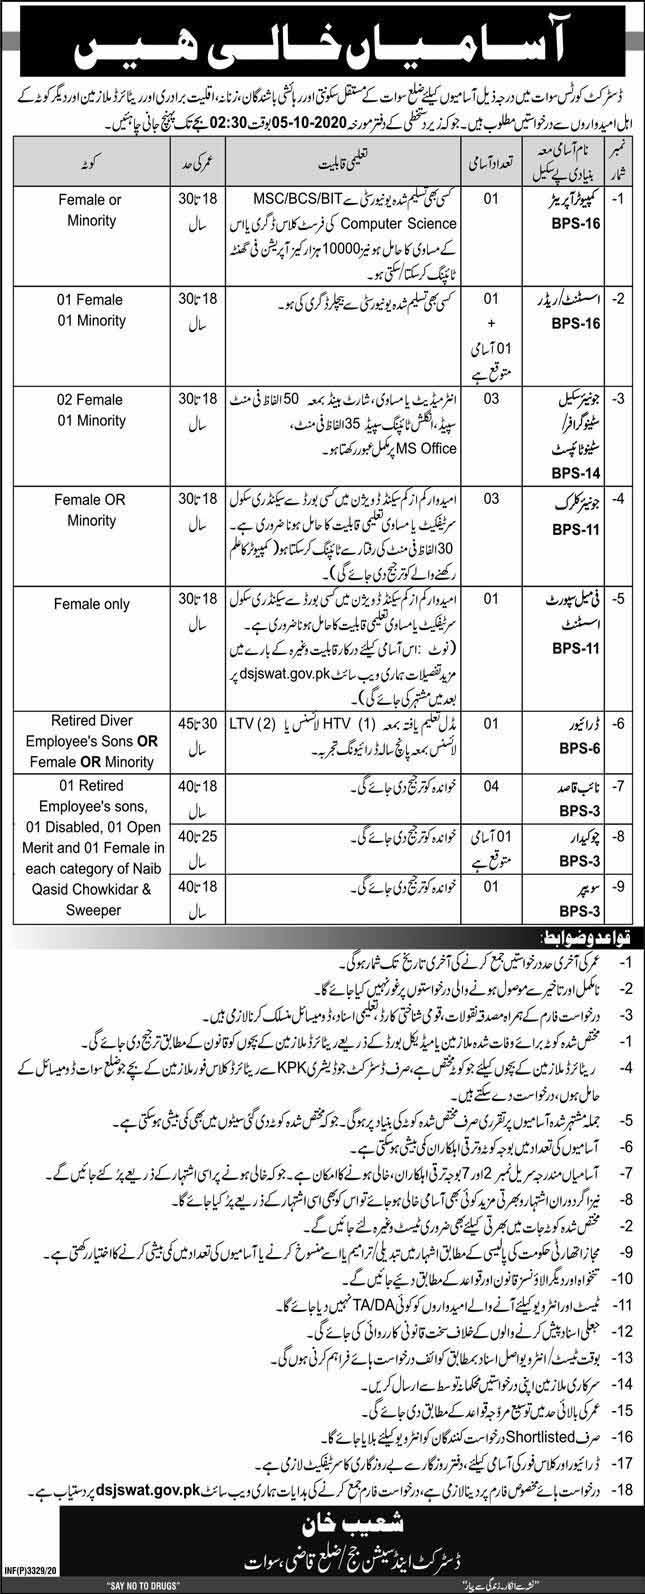 Jobs in Swat in District Court Govt of KPK Sept 2020